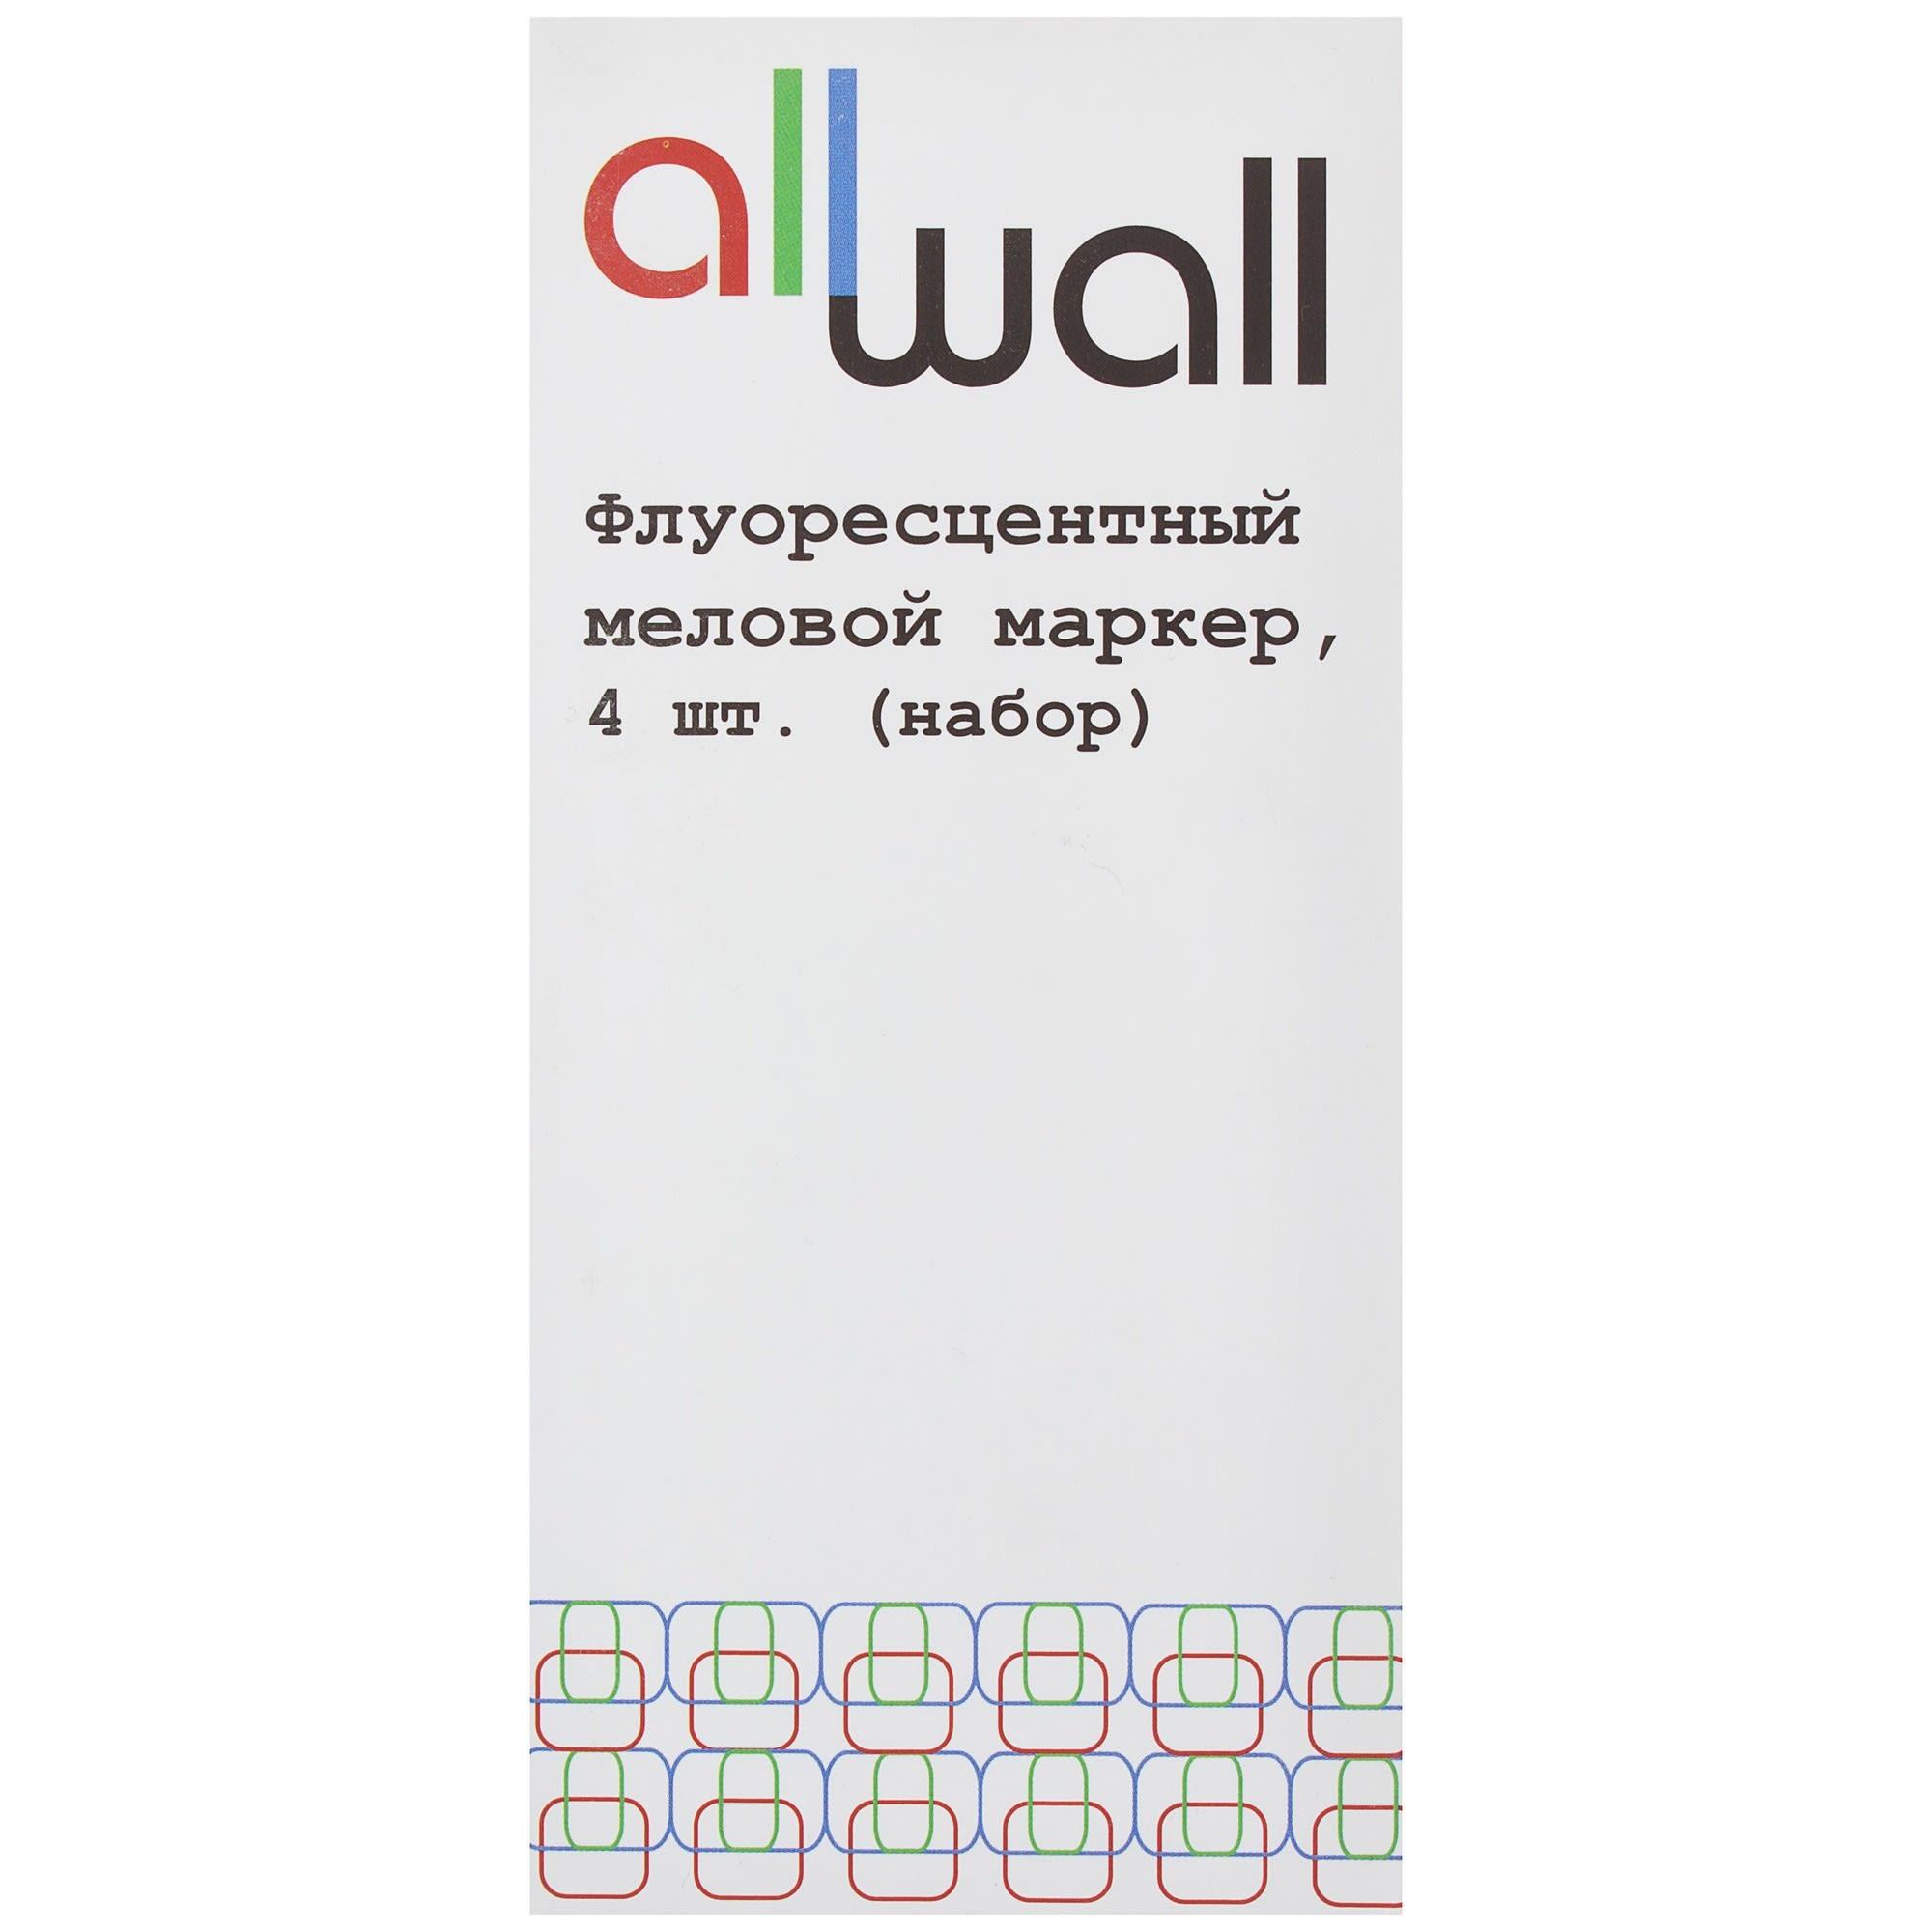 Доски для маркера ульяновск